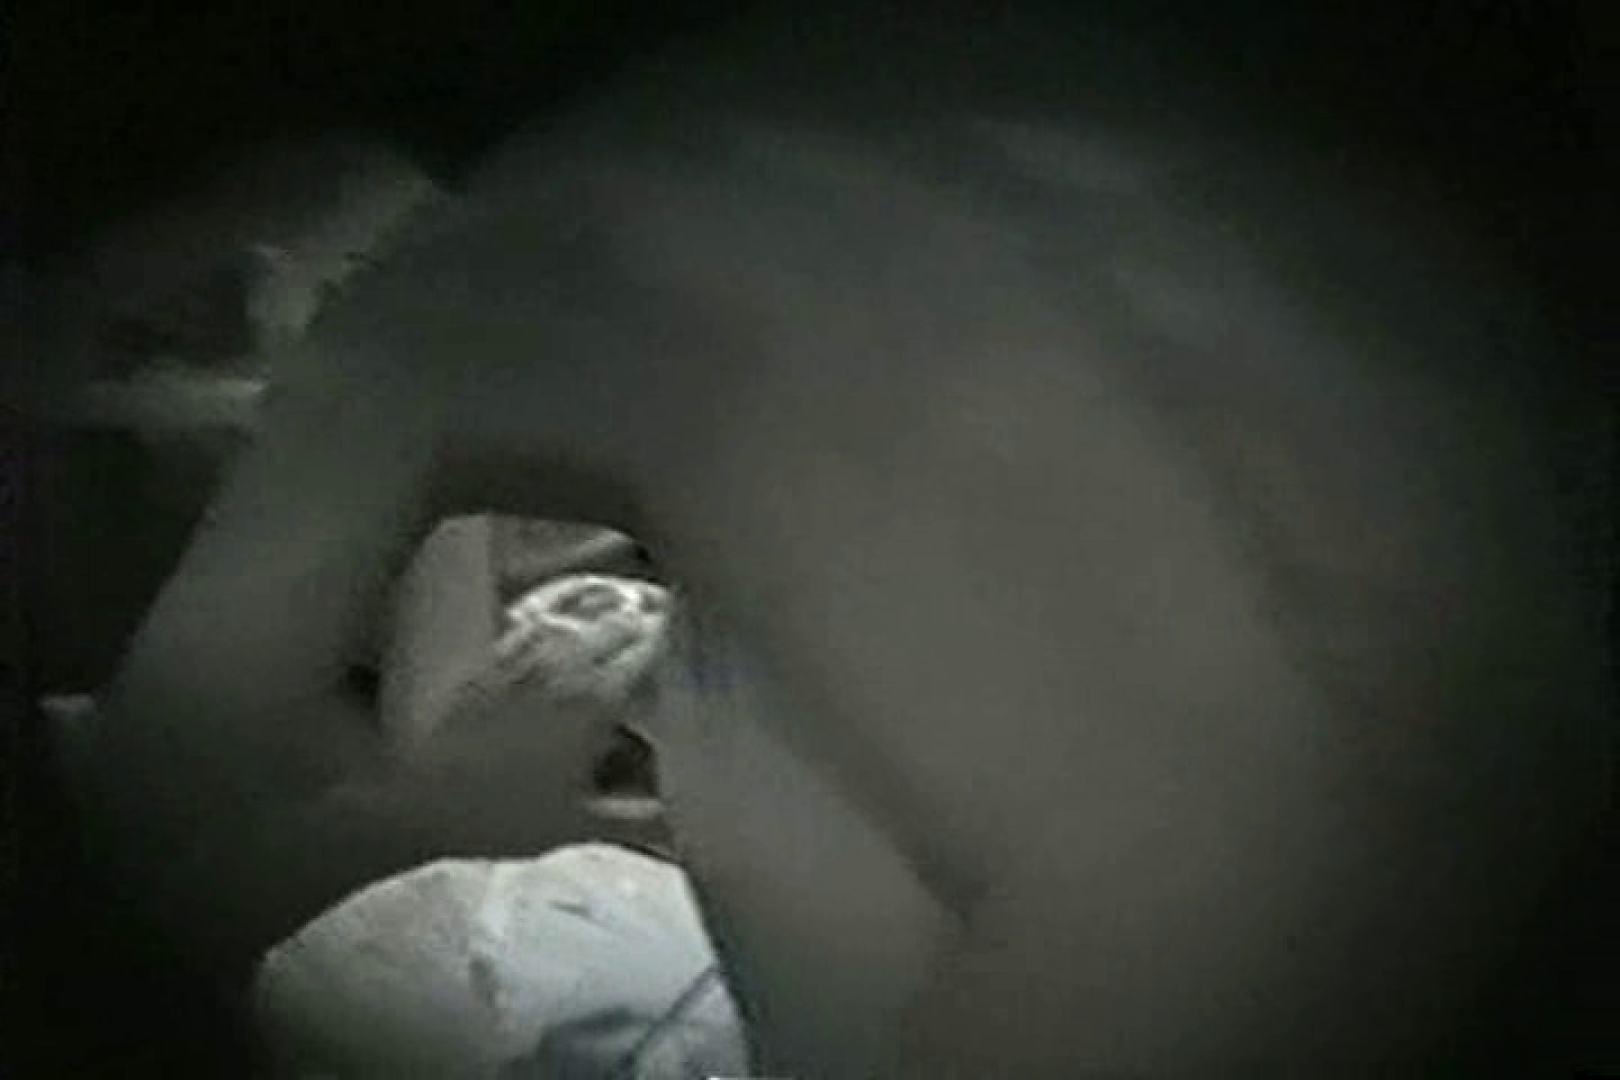 深夜の撮影会Vol.7 OLセックス  50画像 32